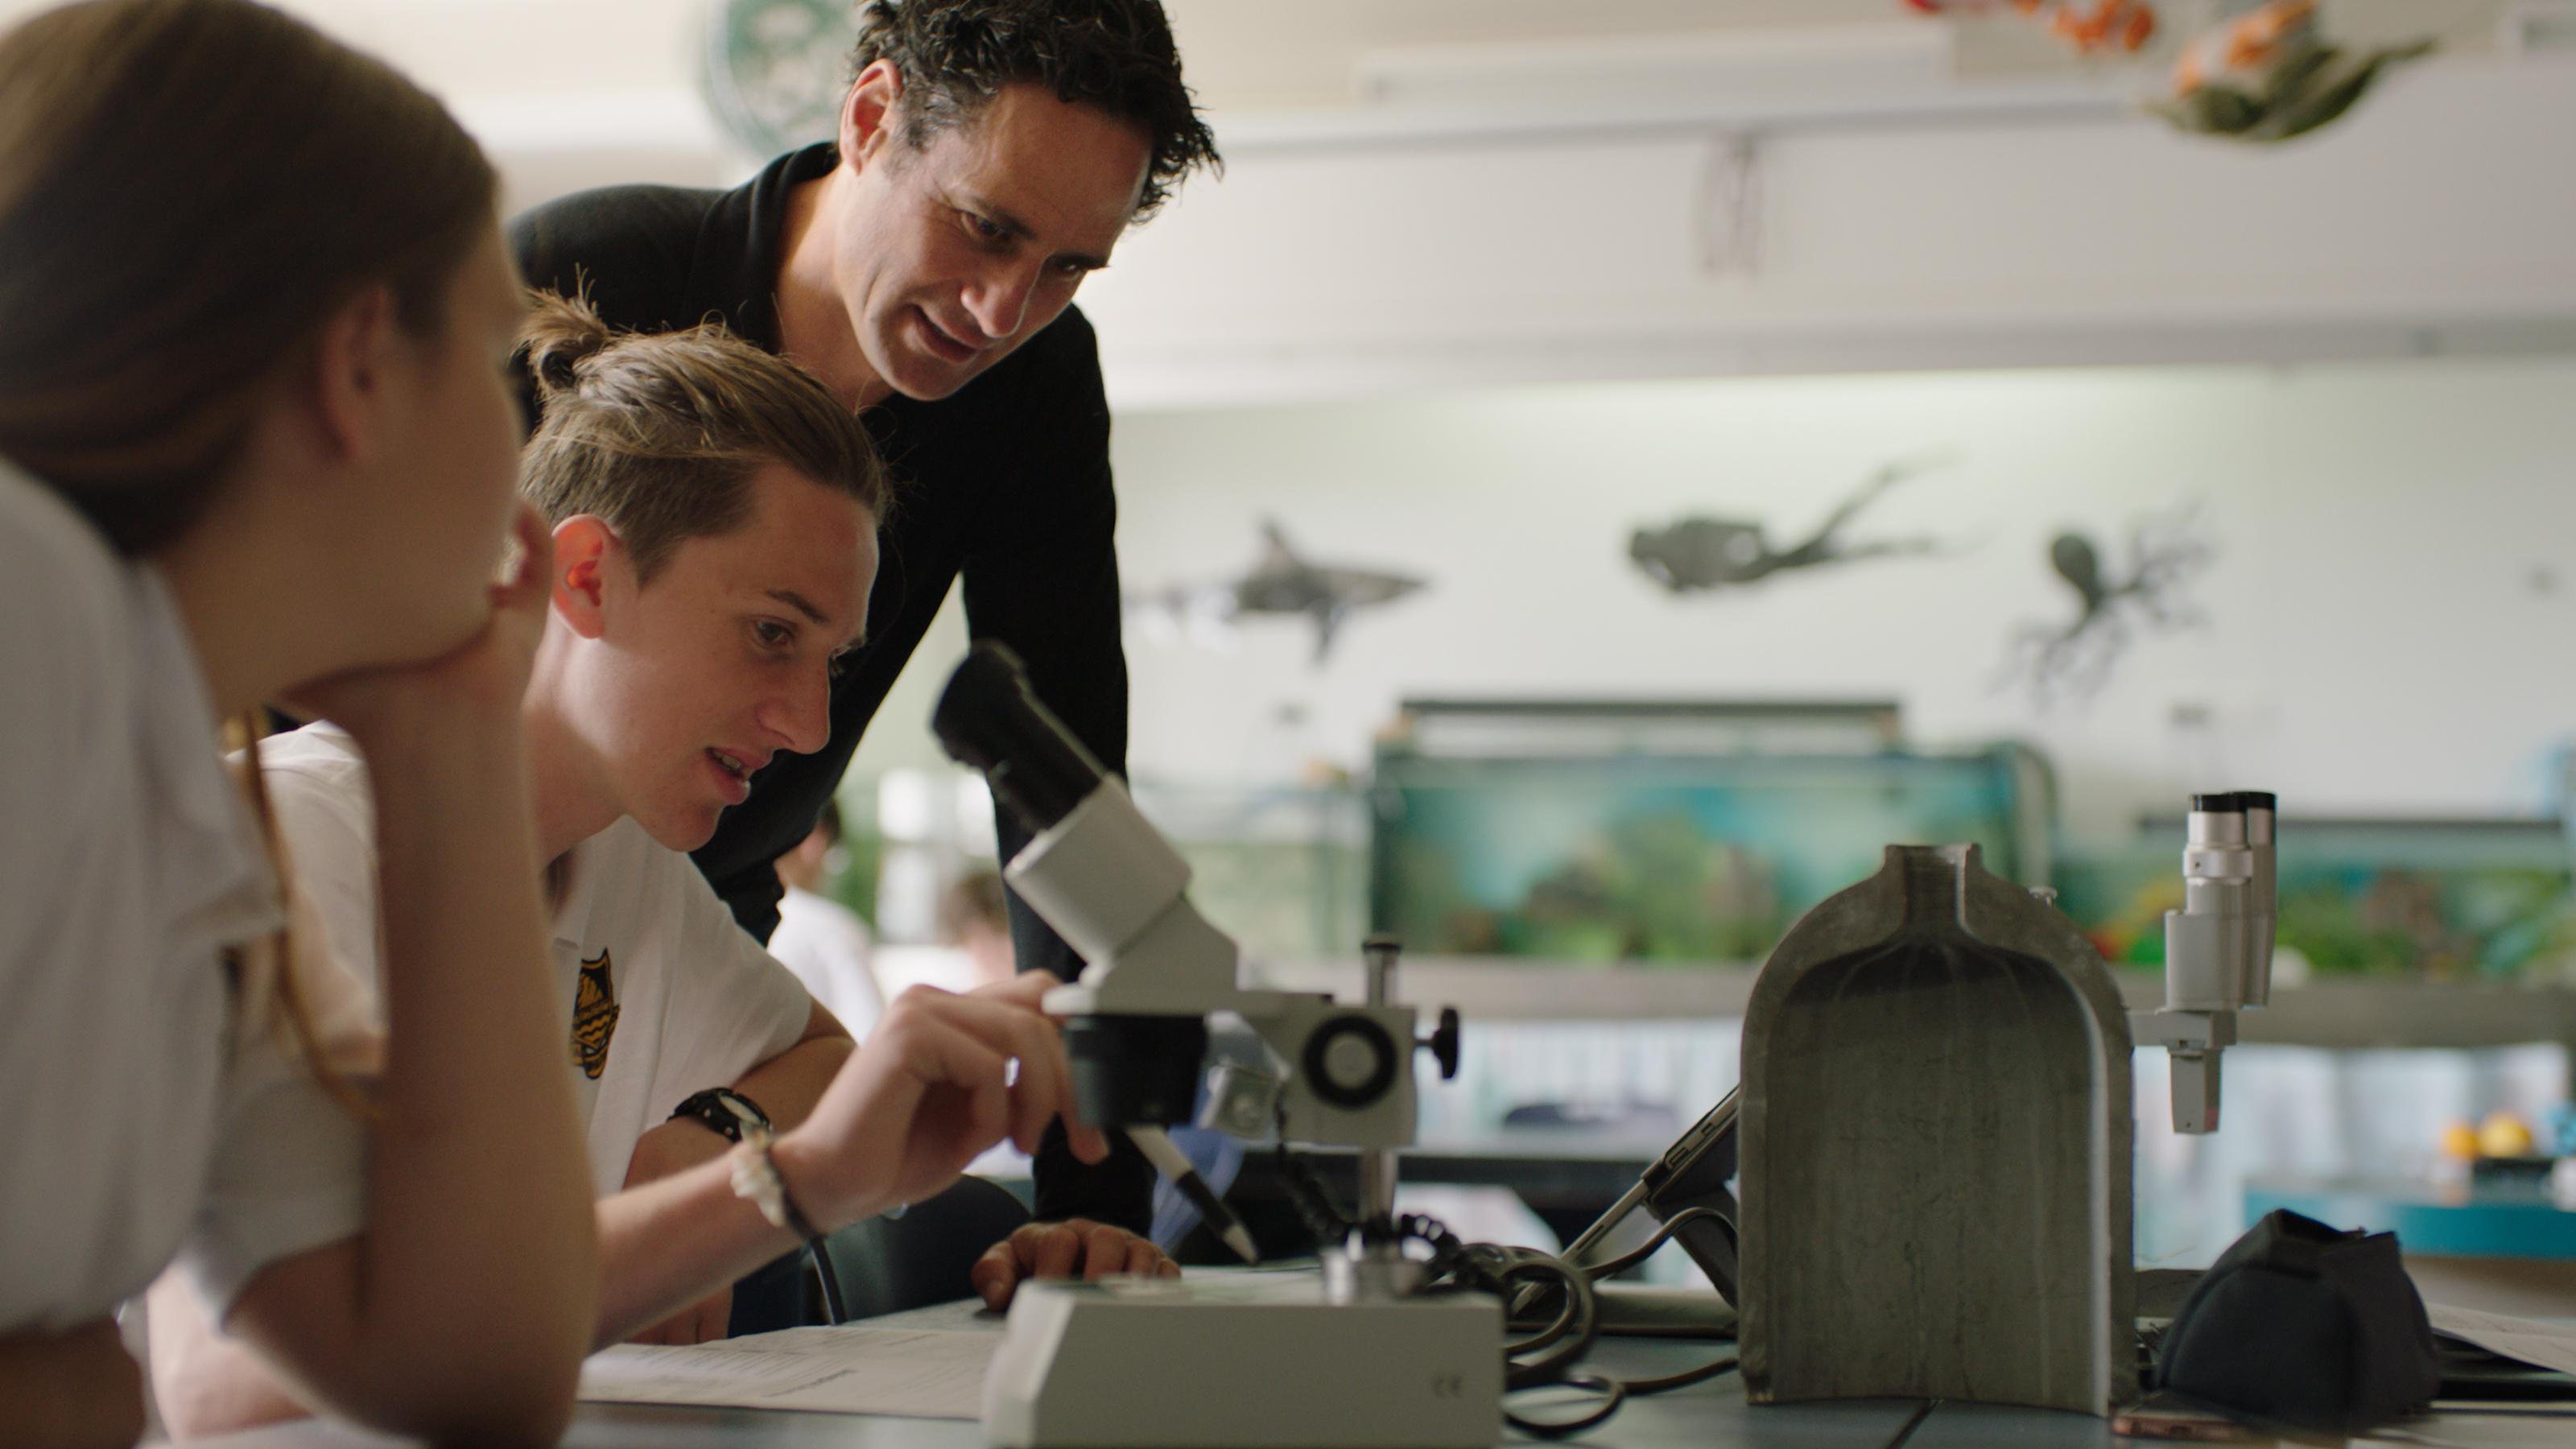 Hơn 50 trường tham gia Triển lãm Giáo dục New Zealand tại Việt Nam